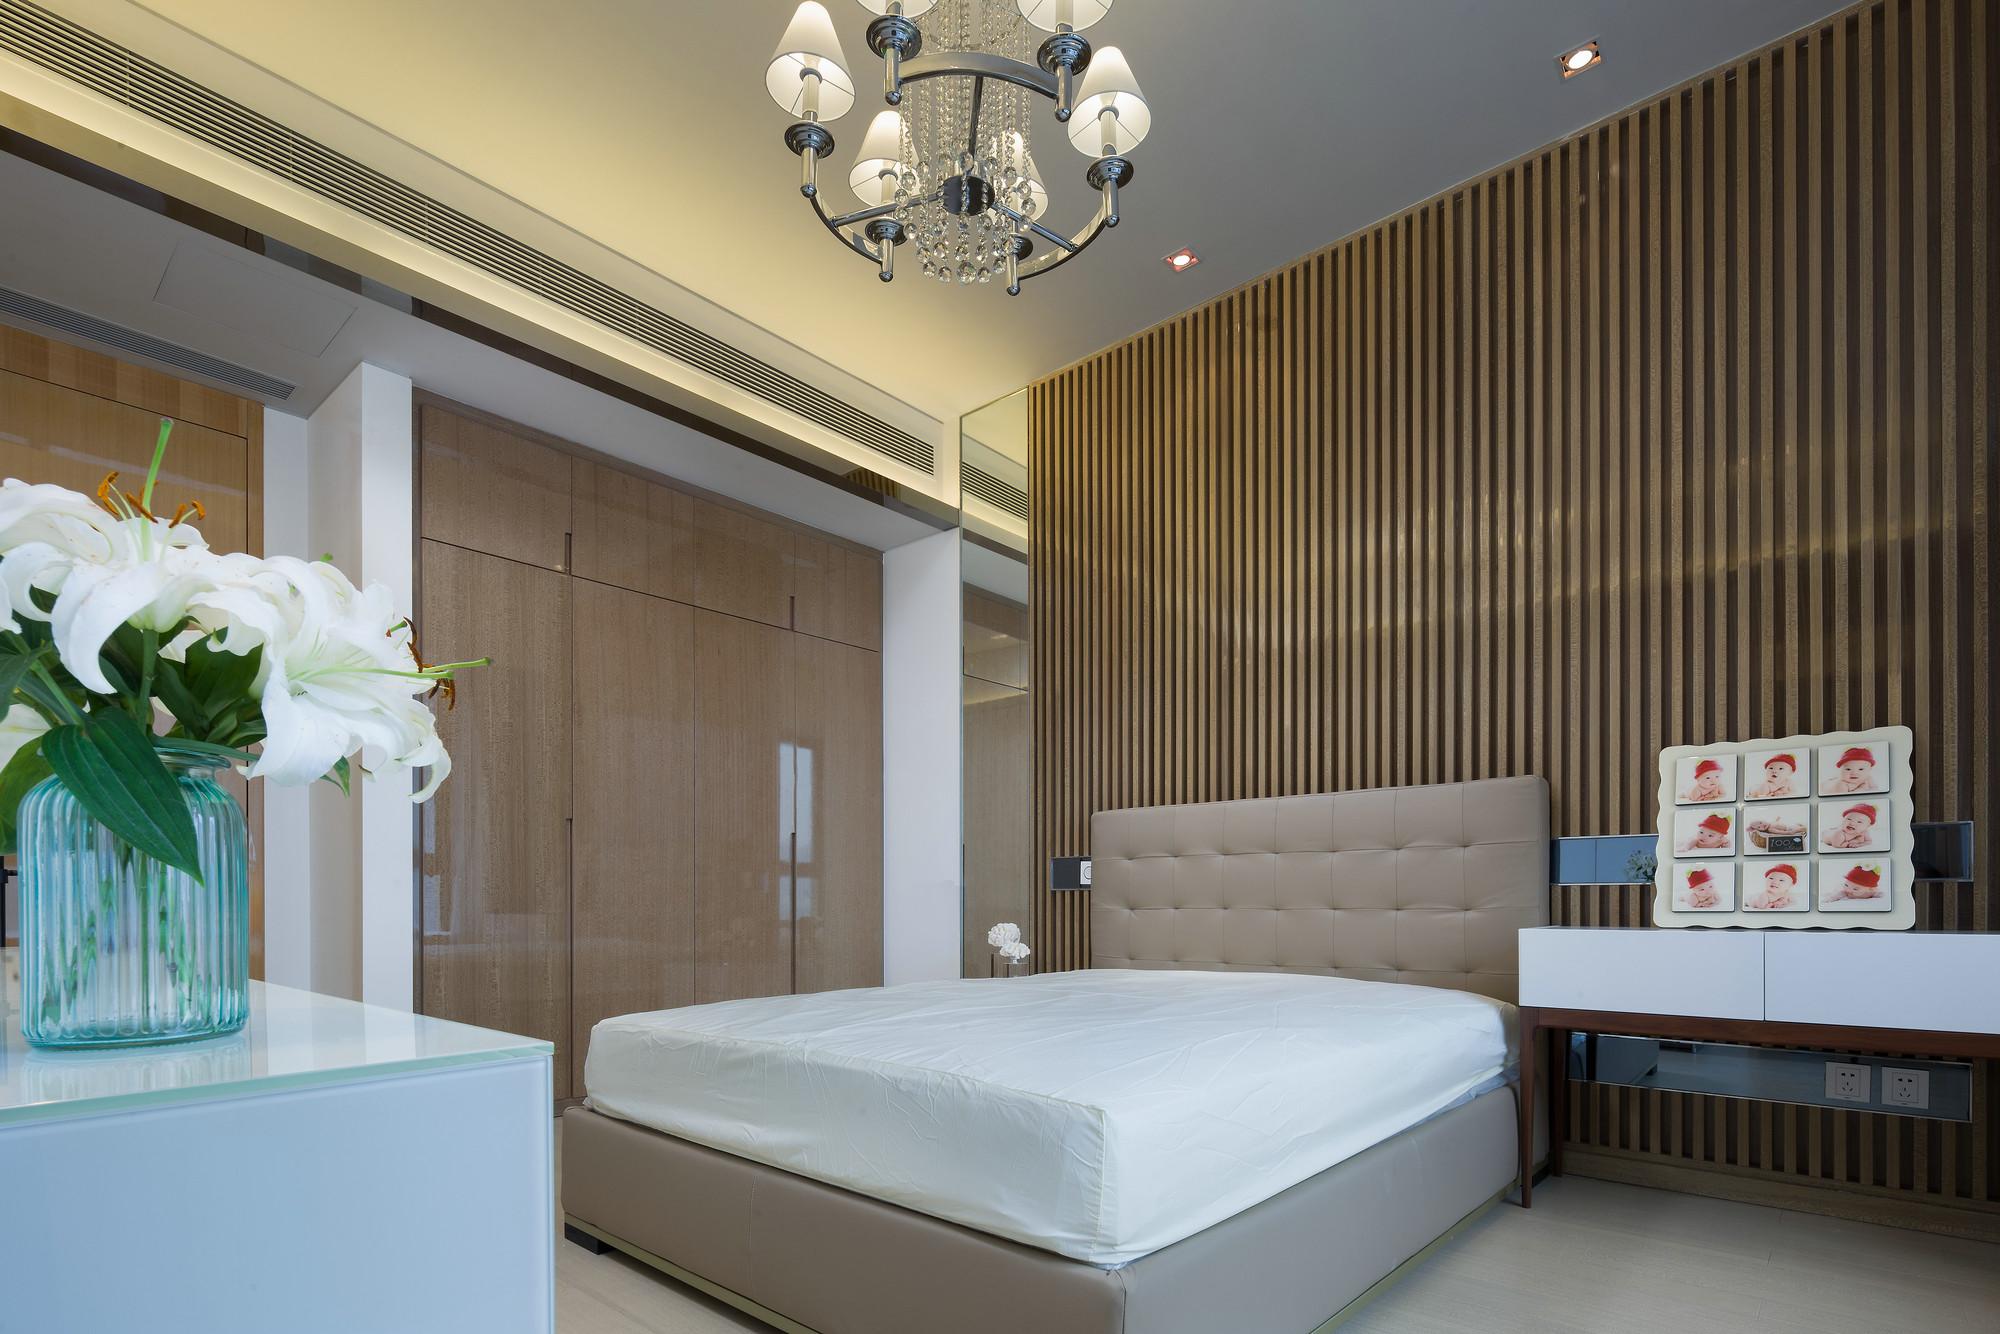 简约 旧房改造 小资 收纳 卧室图片来自北京今朝装饰在简约风的分享